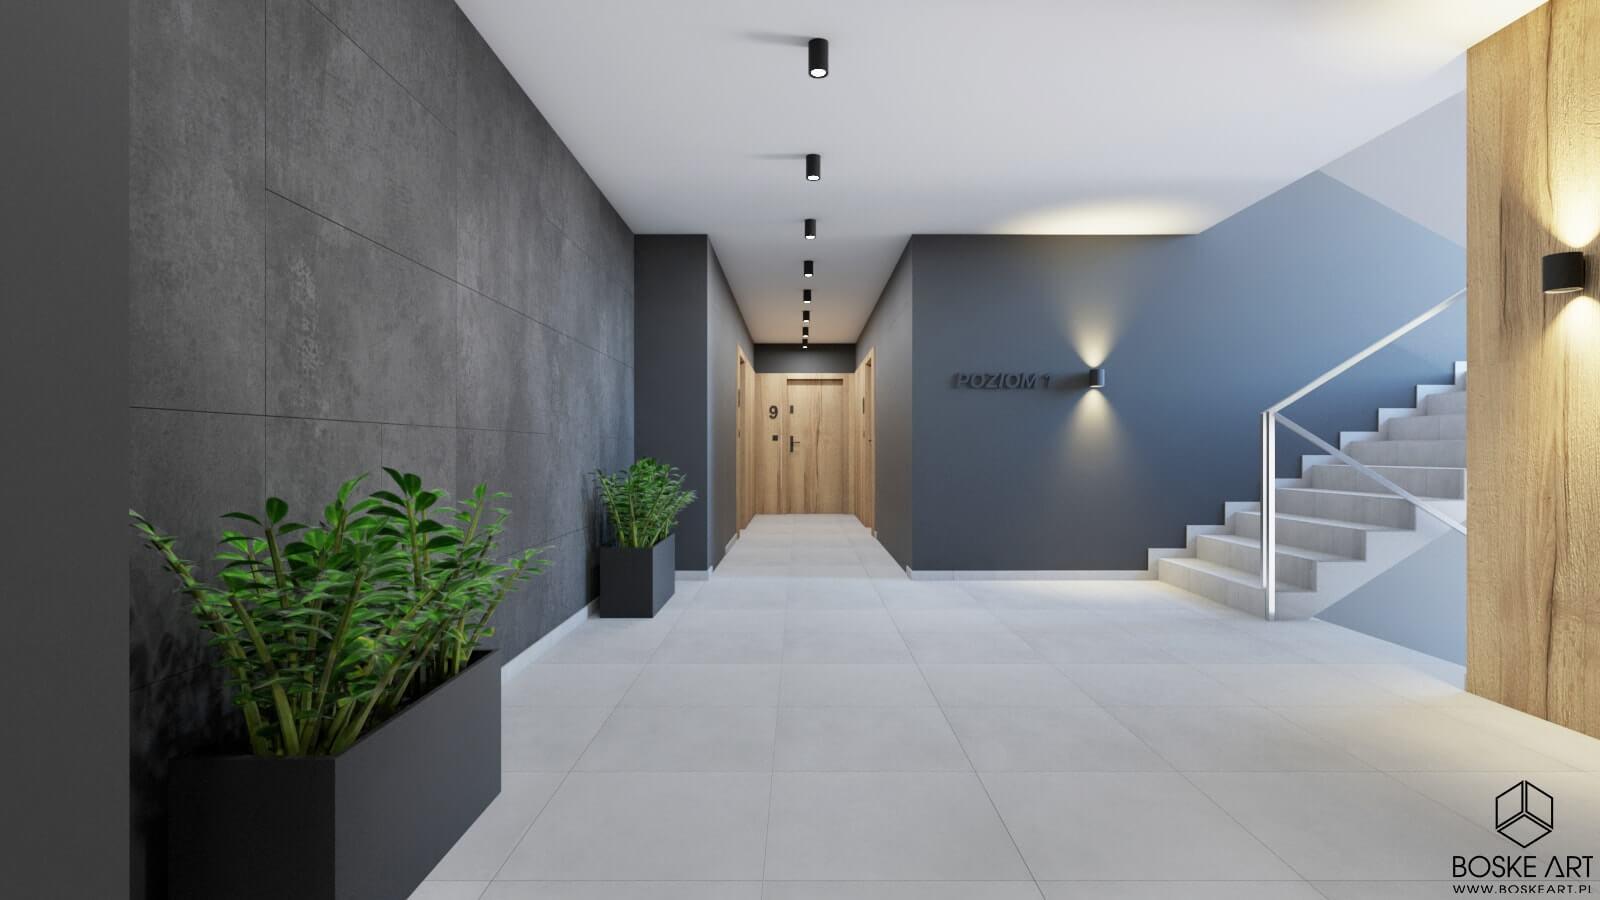 8_apartamenty_poznan_boske_art_strefa_wejsciowa_projektowanie_wnetrz_architektura_natalia_robaszkiewicz-min